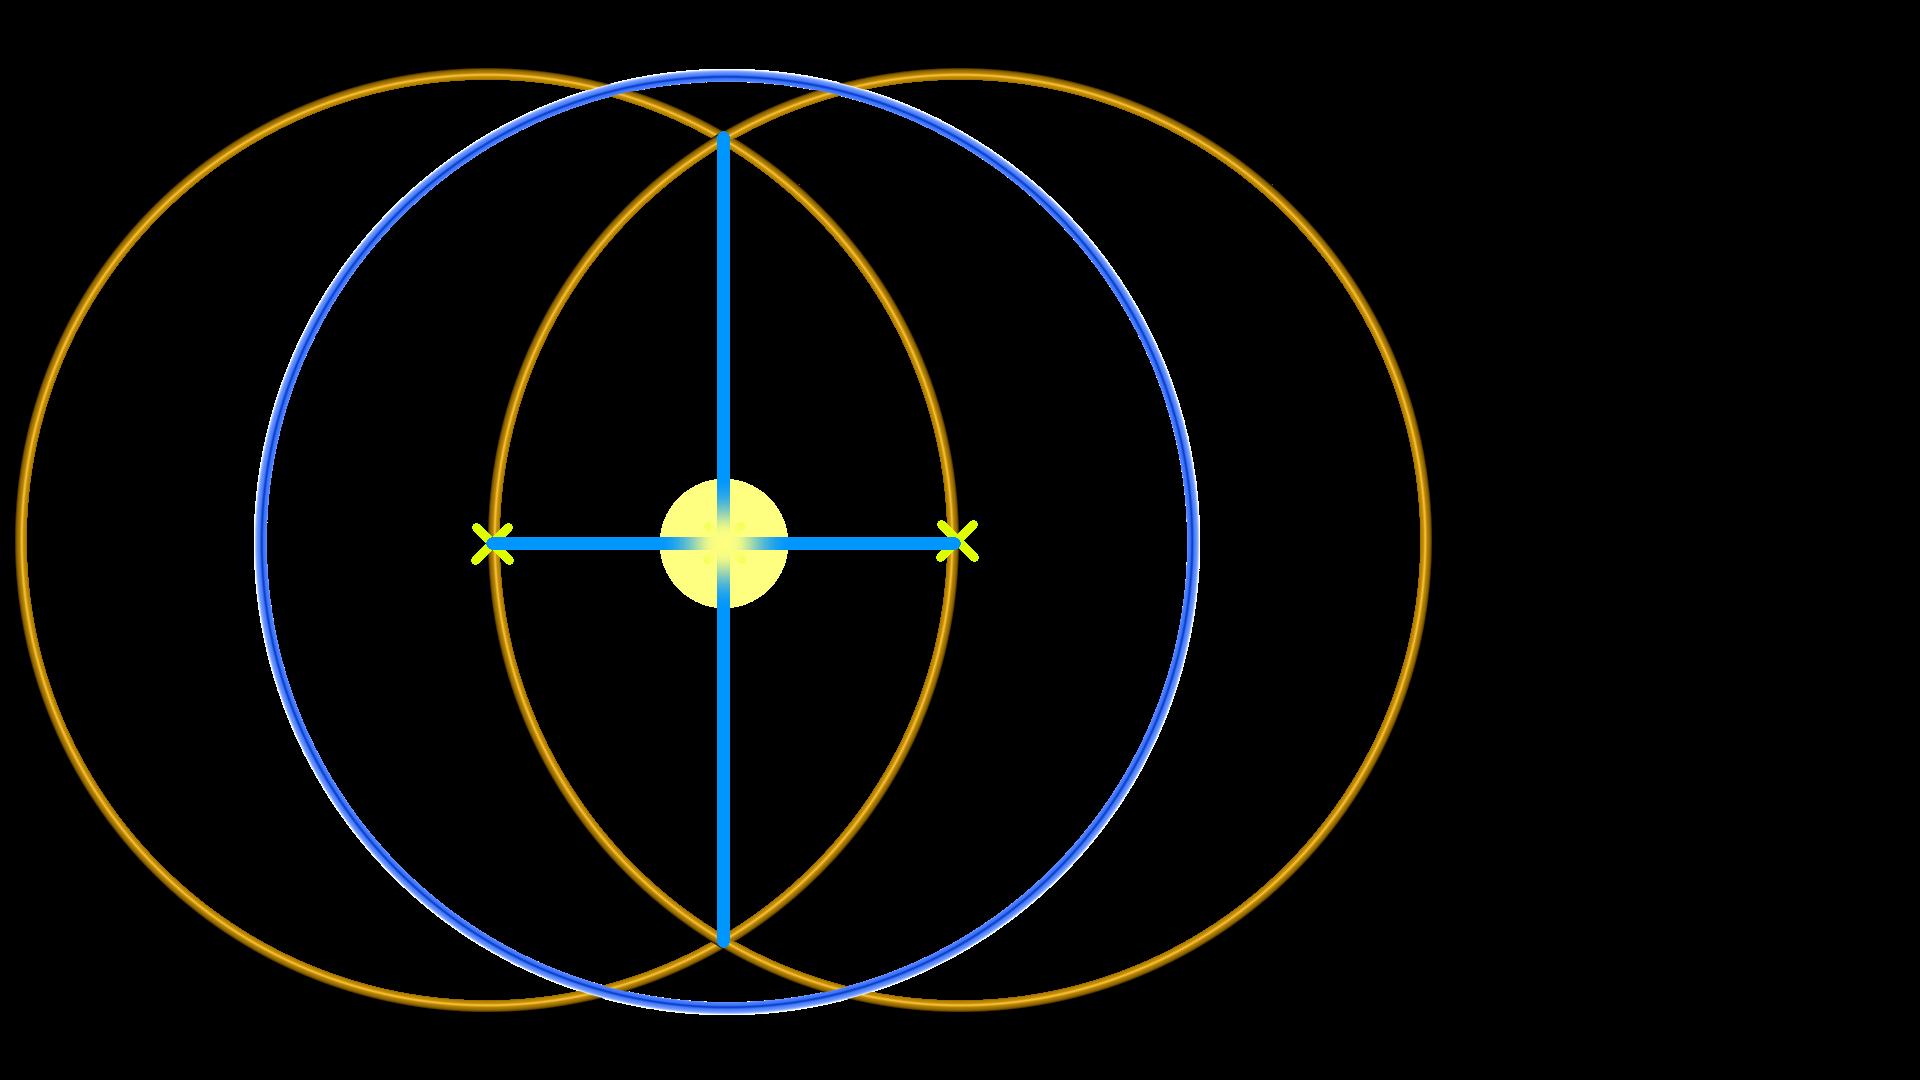 Bild zeigt 3 Kreise mit einem Kreis und Mittelpunkte